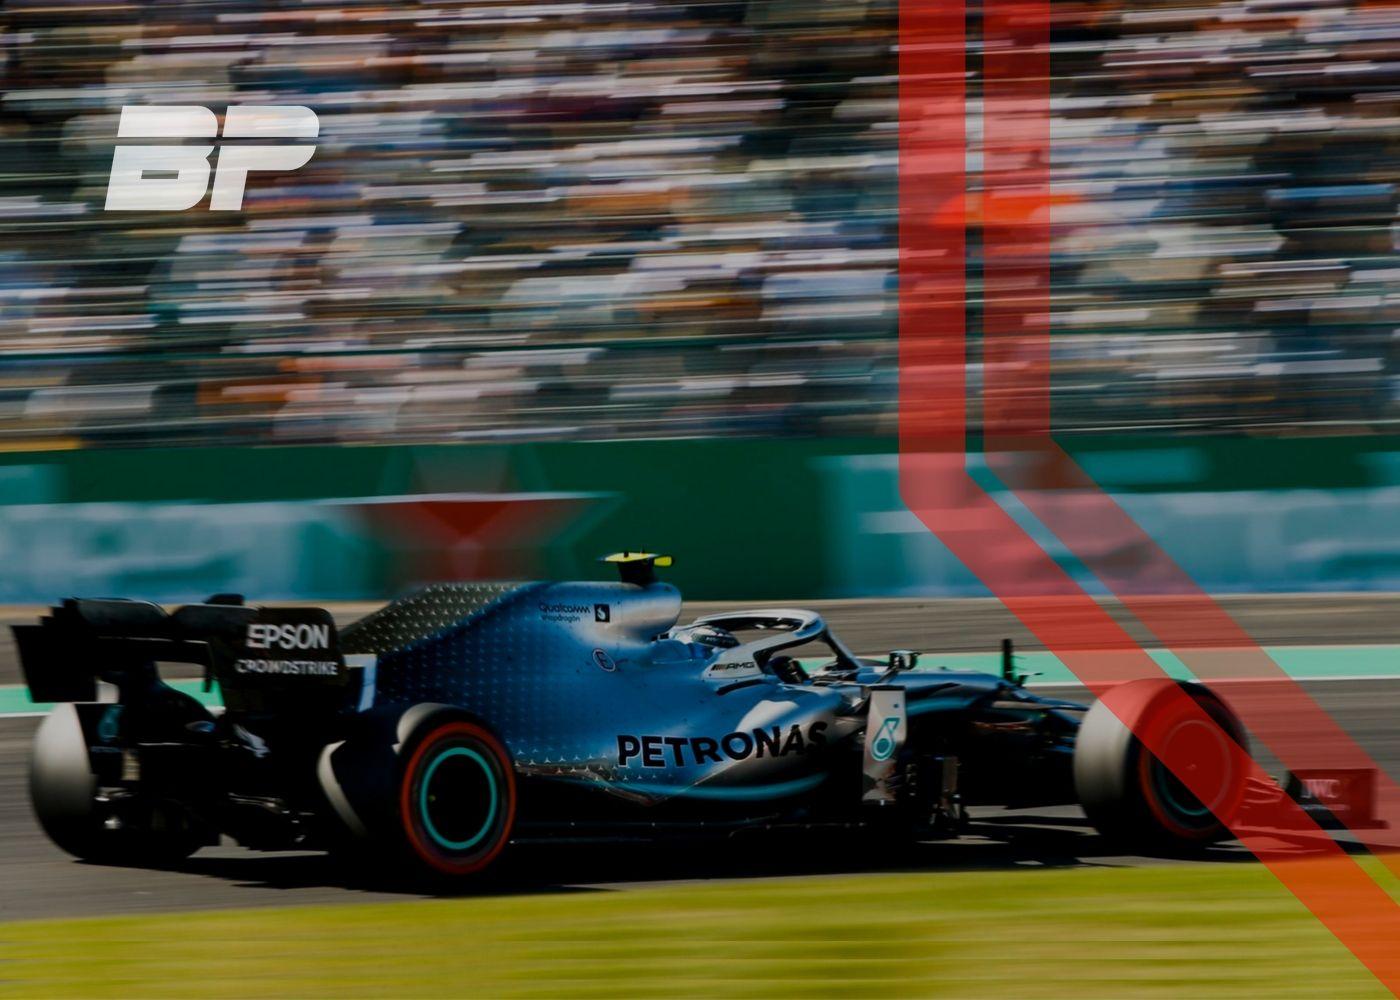 Foto de GP do Japão – Contra previsão da Pirelli, equipes brincam com estratégia e Valtteri Bottas vence a corrida em Suzuka